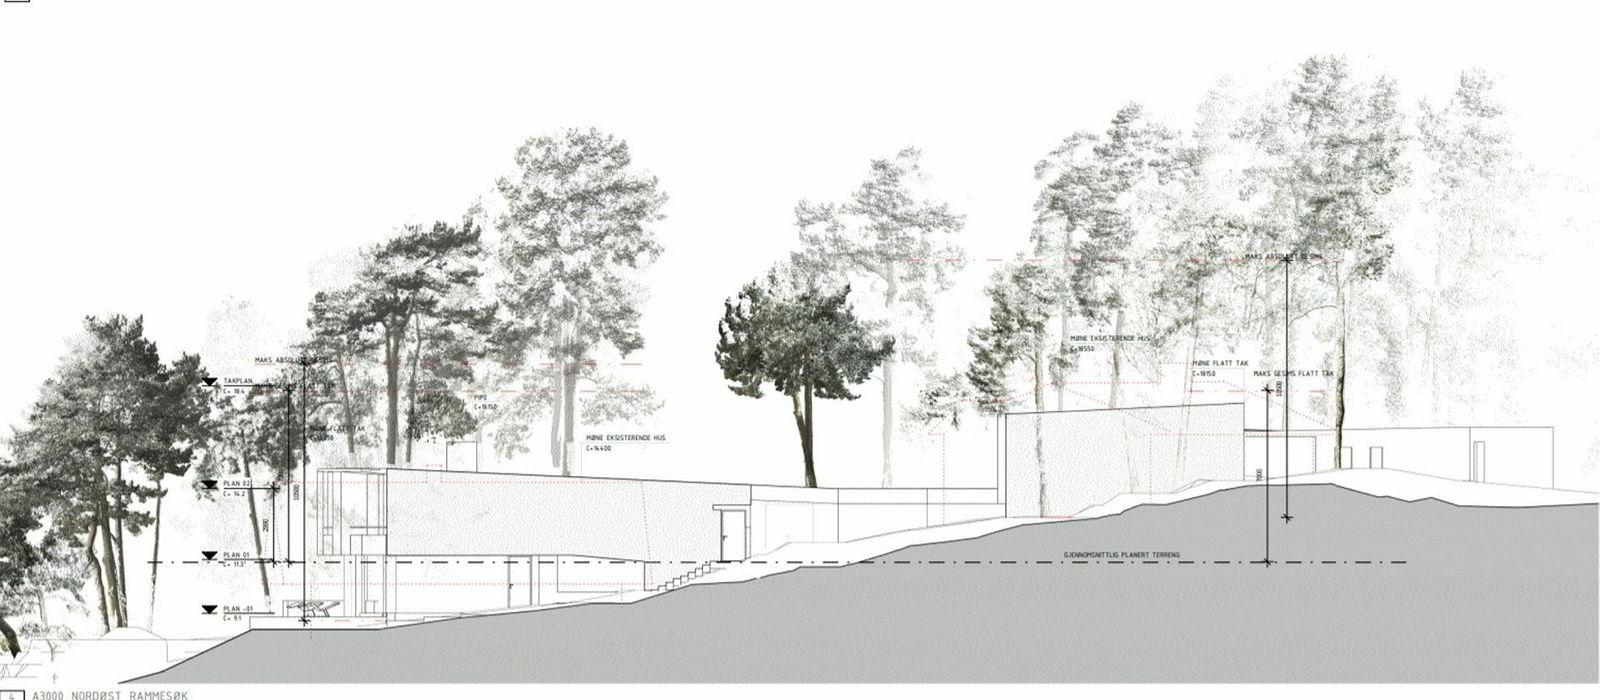 Tegningen fra Lund Hagem Arkitekter viser nord-østfasaden på prosjektet, som har fått navnet «Villa Winge». Hoveddelen er til venstre, med fasade mot vannet, mens delen til høyre ligger litt høyere og skal ha utsikt over. Mellom de to delene er det en uteplass som skjules fra denne vinkelen av en korridor, som kobler delene sammen. Røde stiplede linjer som knapt synes her, viser at reguleringen ville tillatt høyere bygg. Mange trær skal bevares.